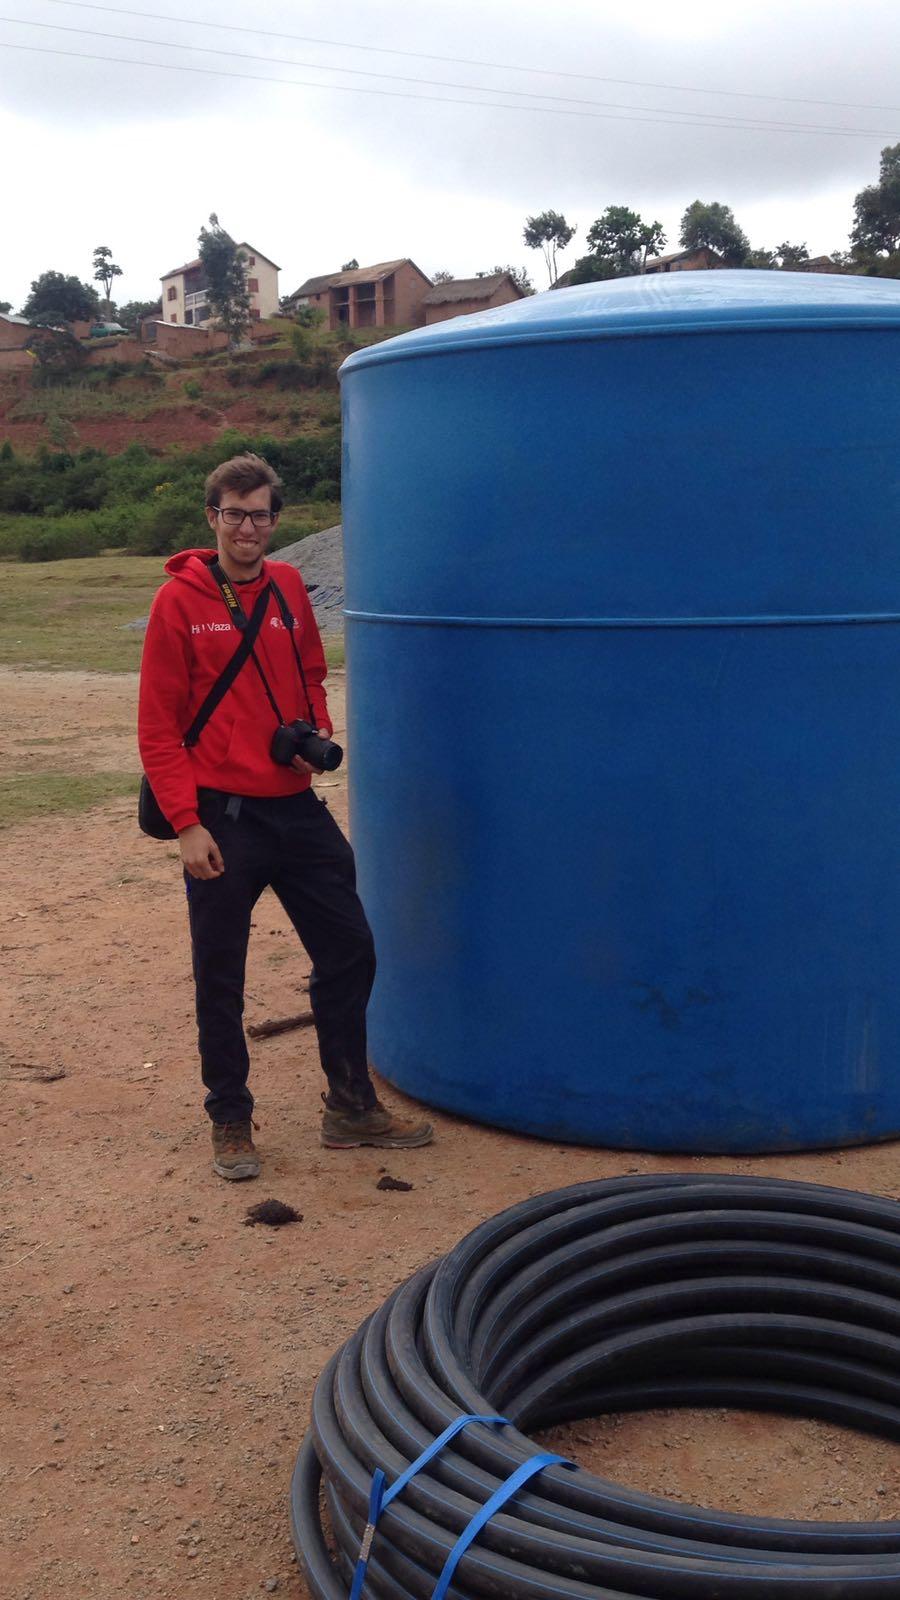 Citerne faisant partie du réseau d'eau.